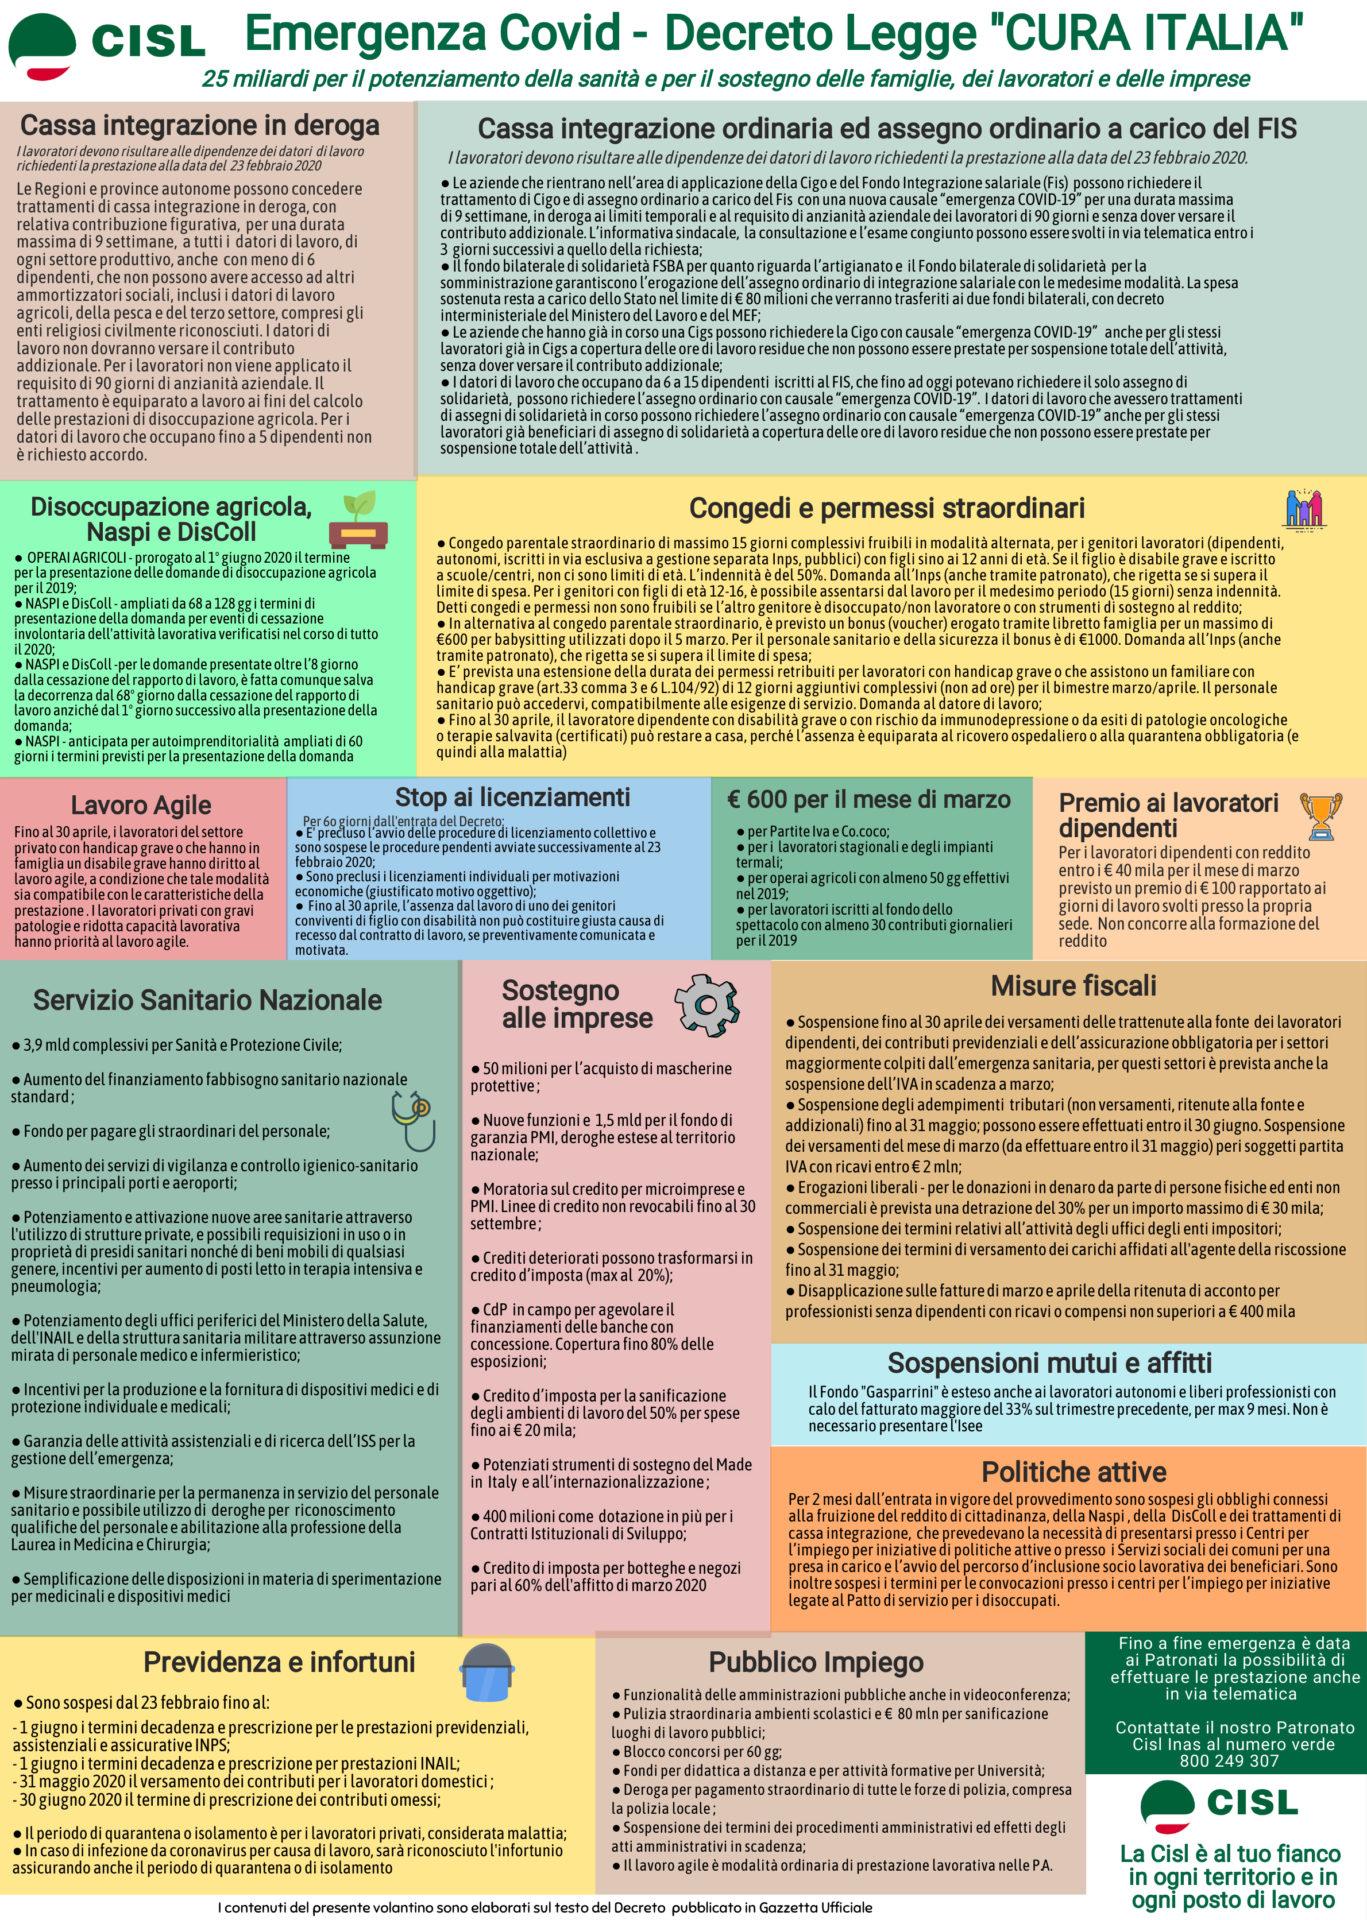 infografica decreto cura italia covid